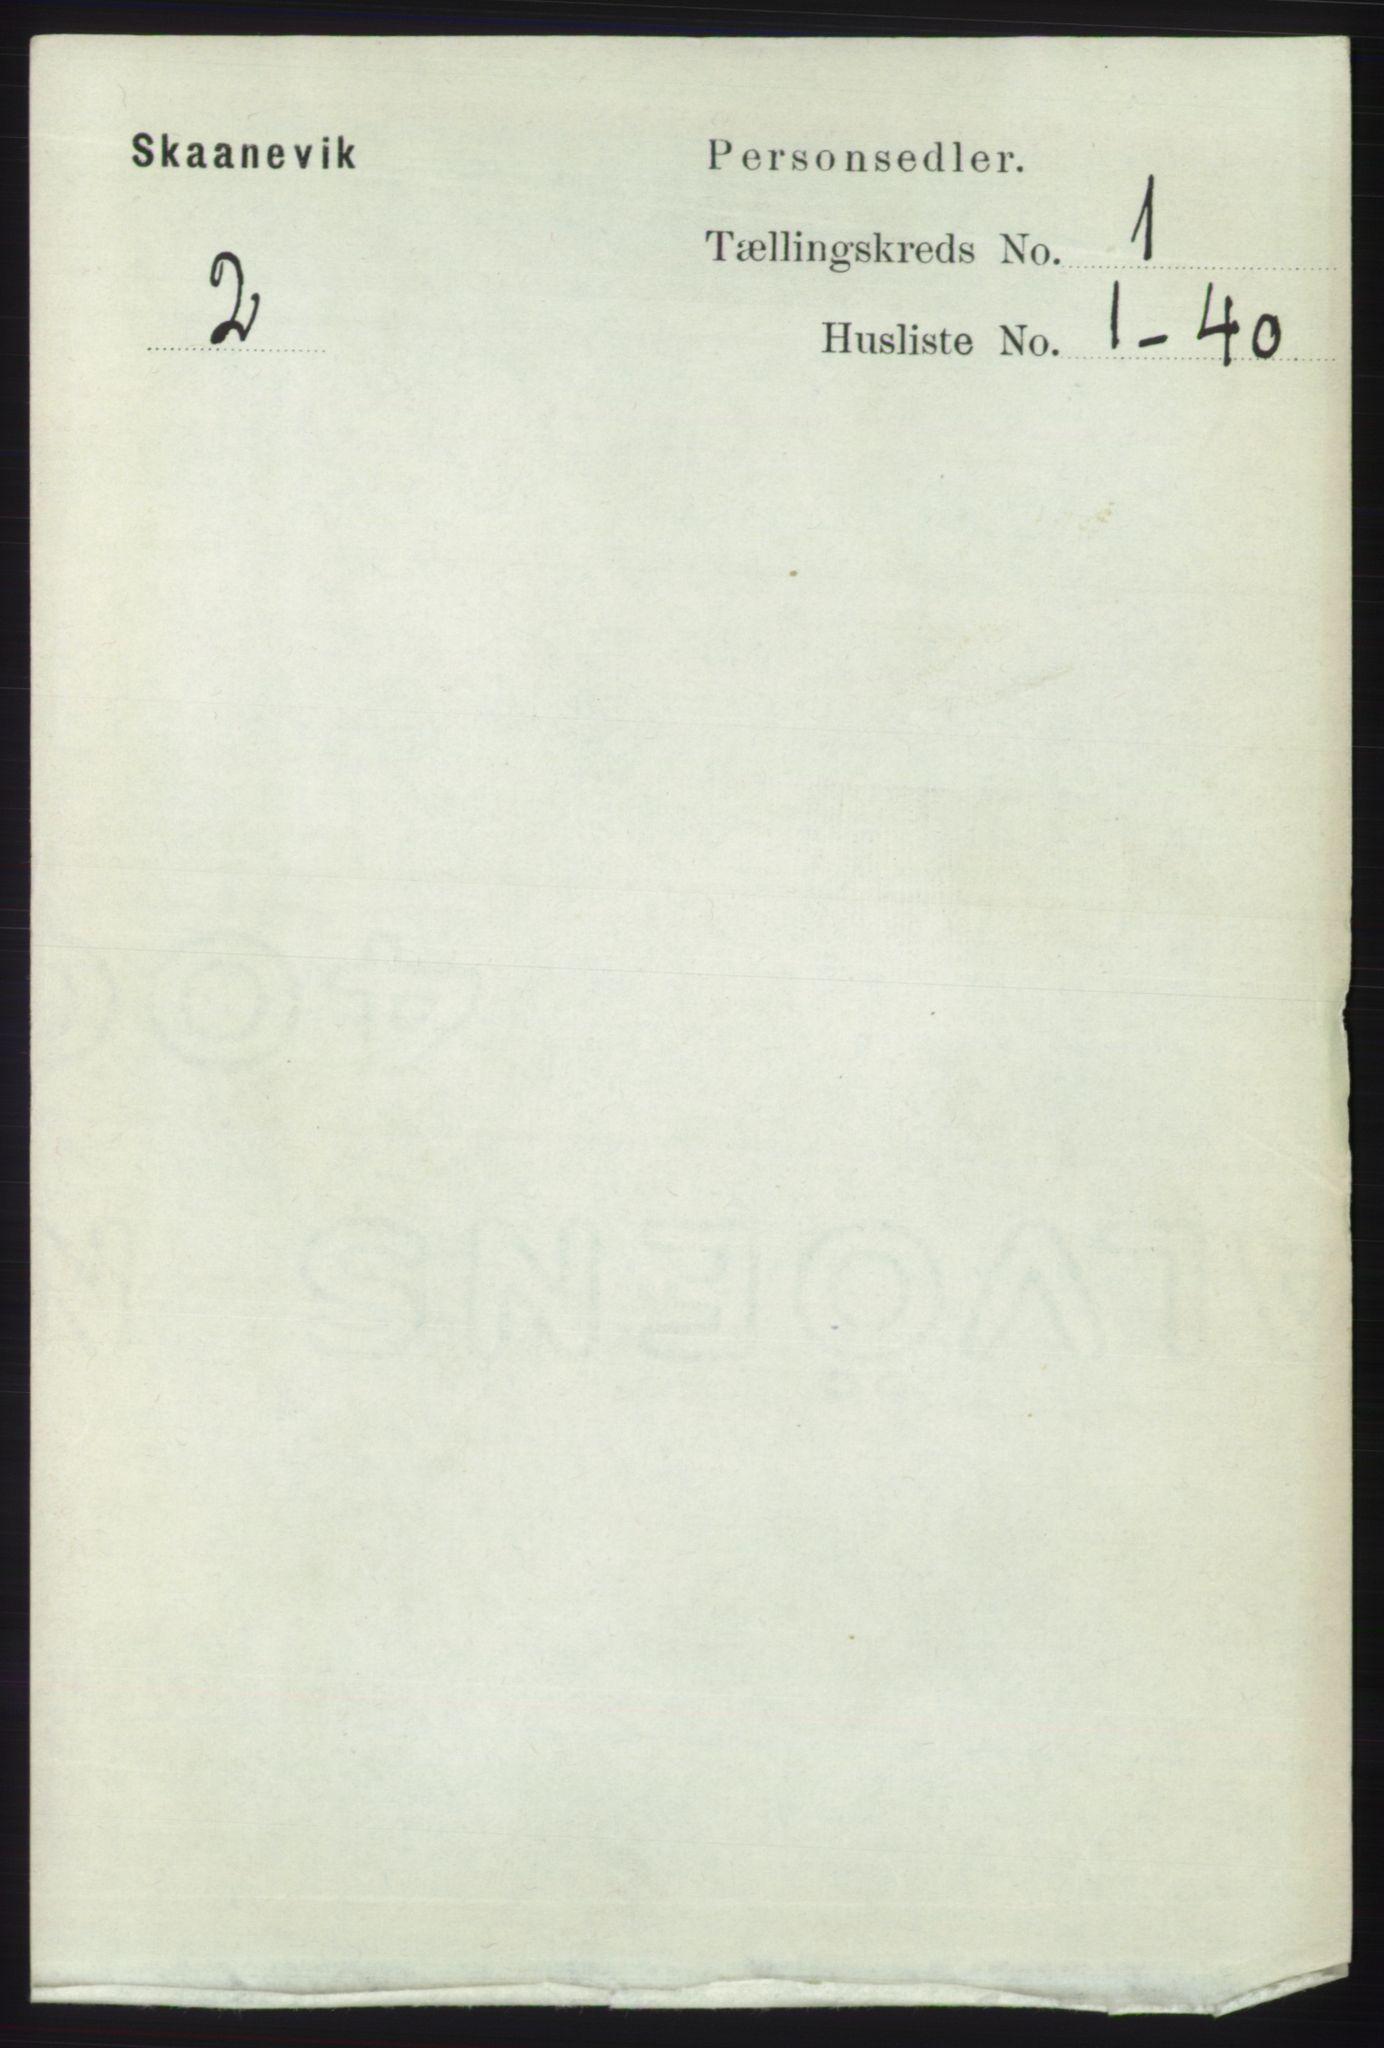 RA, Folketelling 1891 for 1212 Skånevik herred, 1891, s. 72